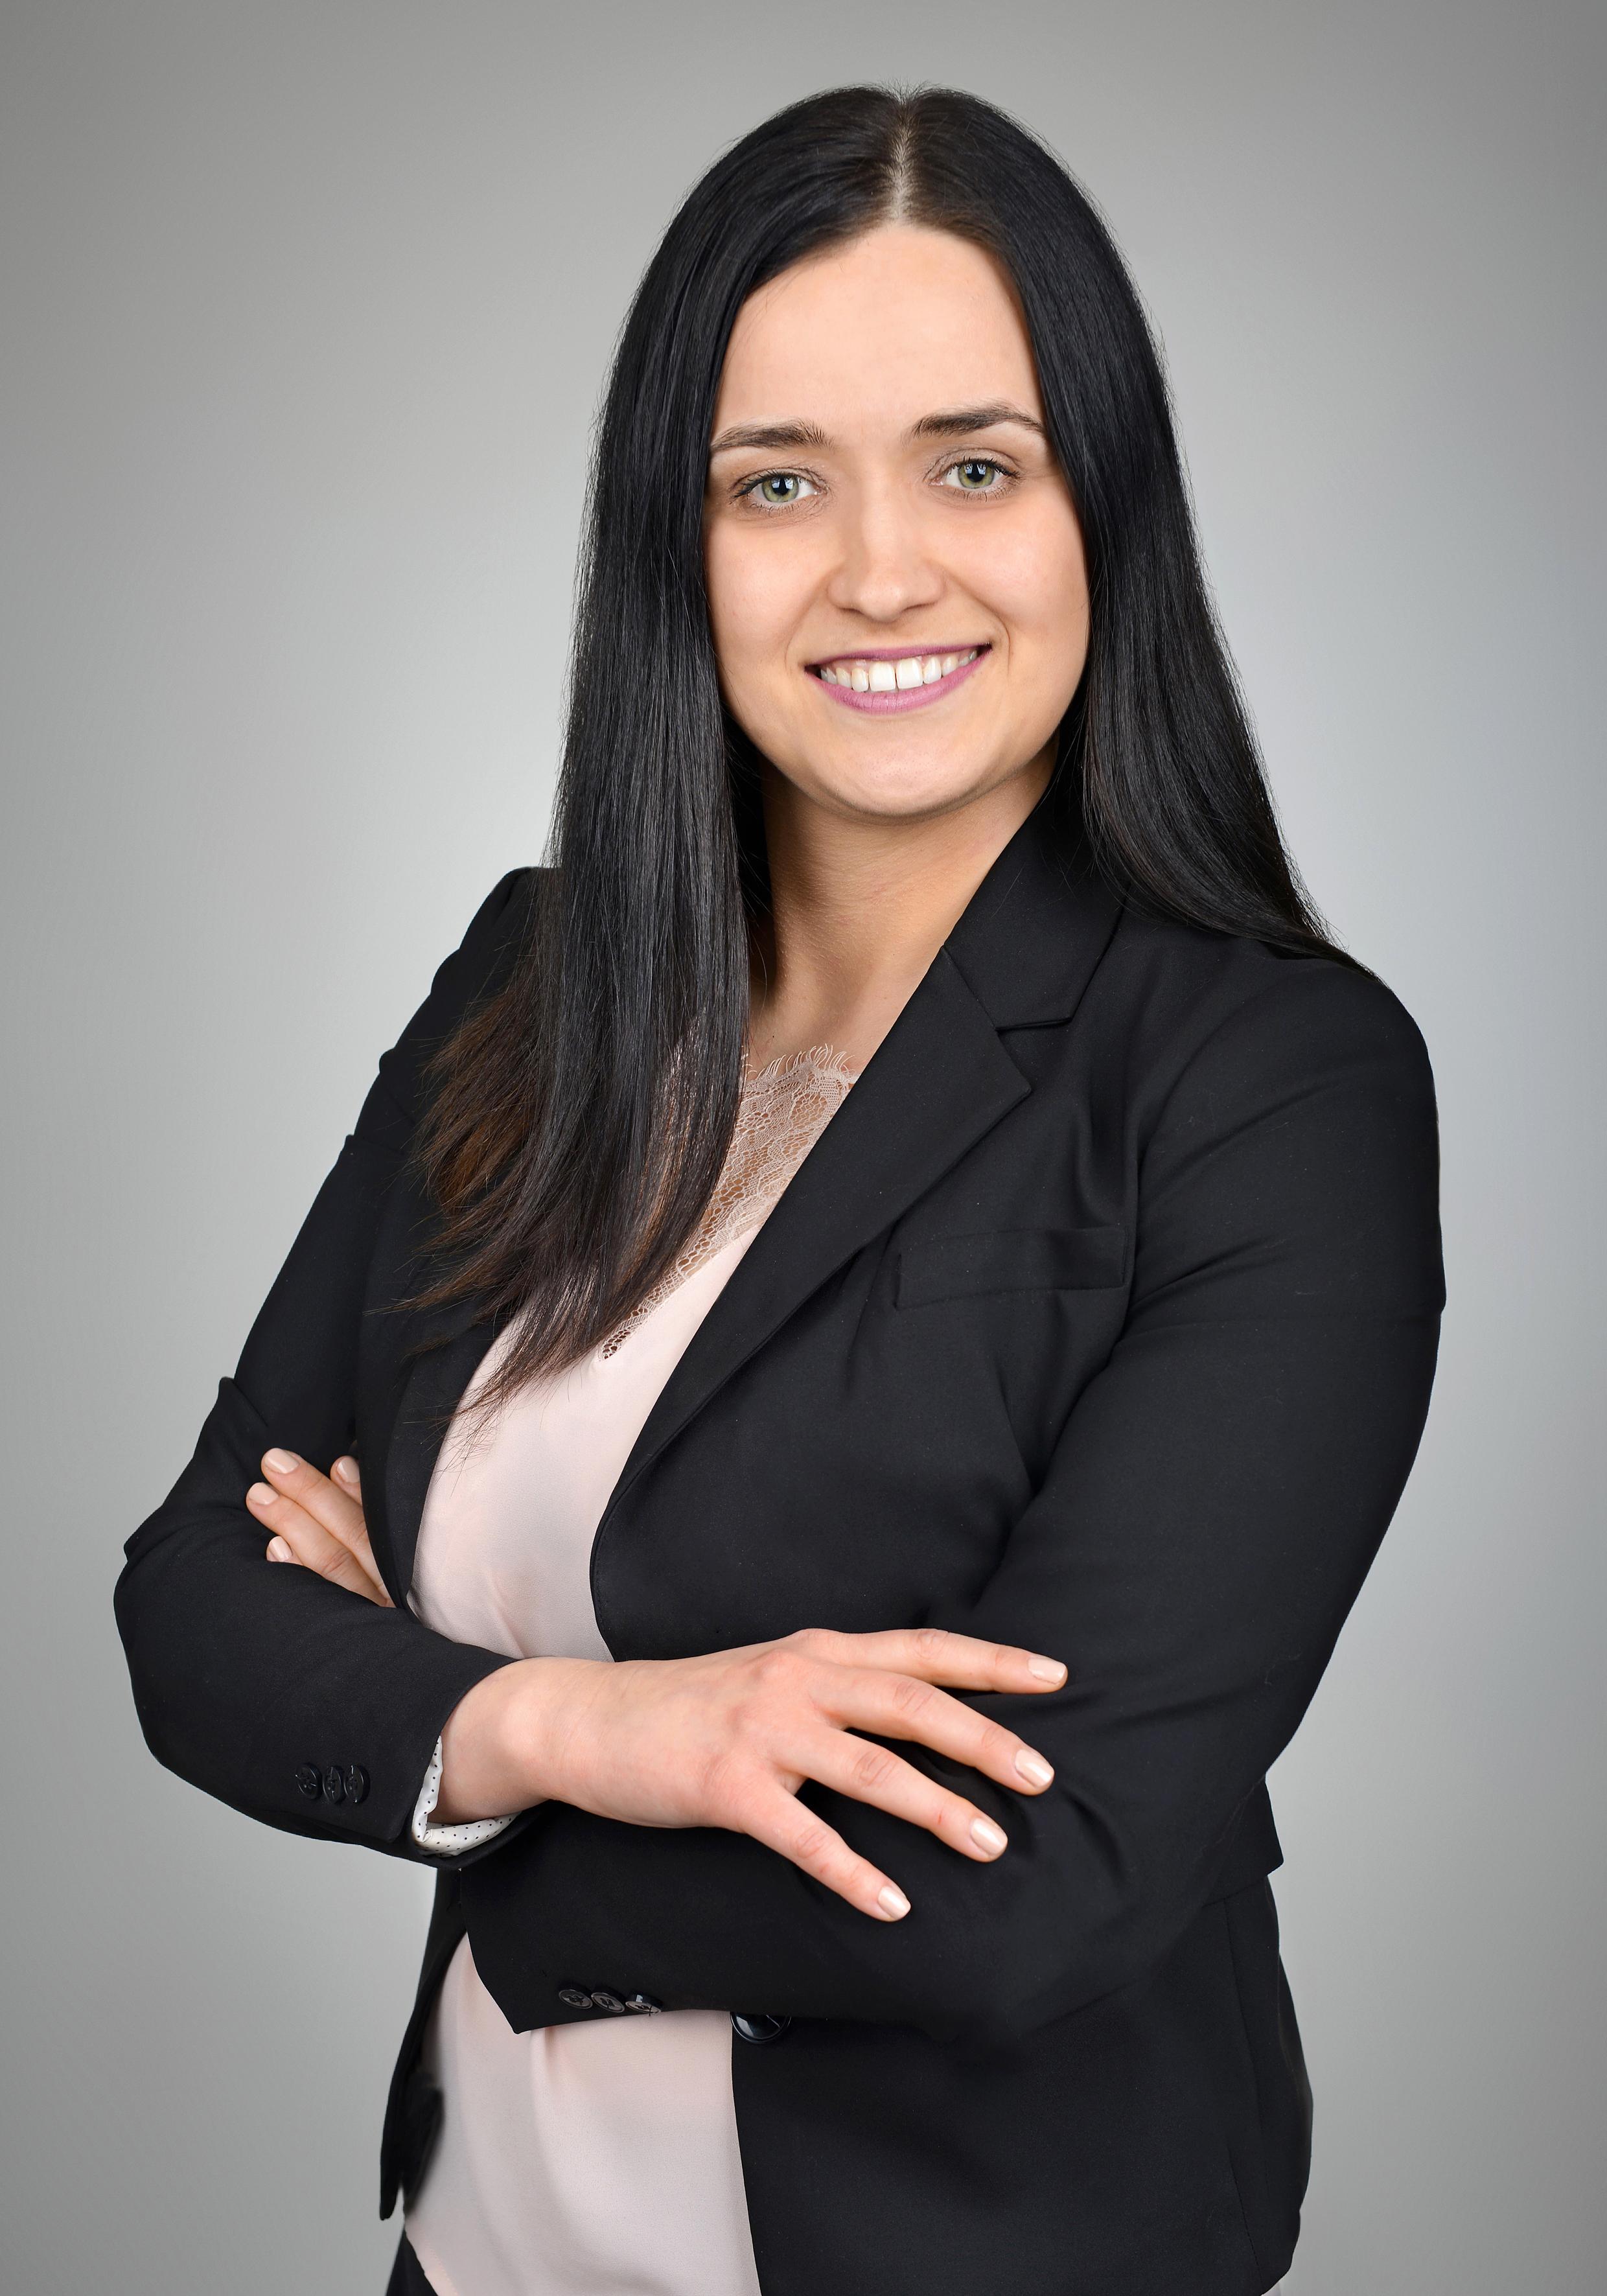 Marta Dawidziak